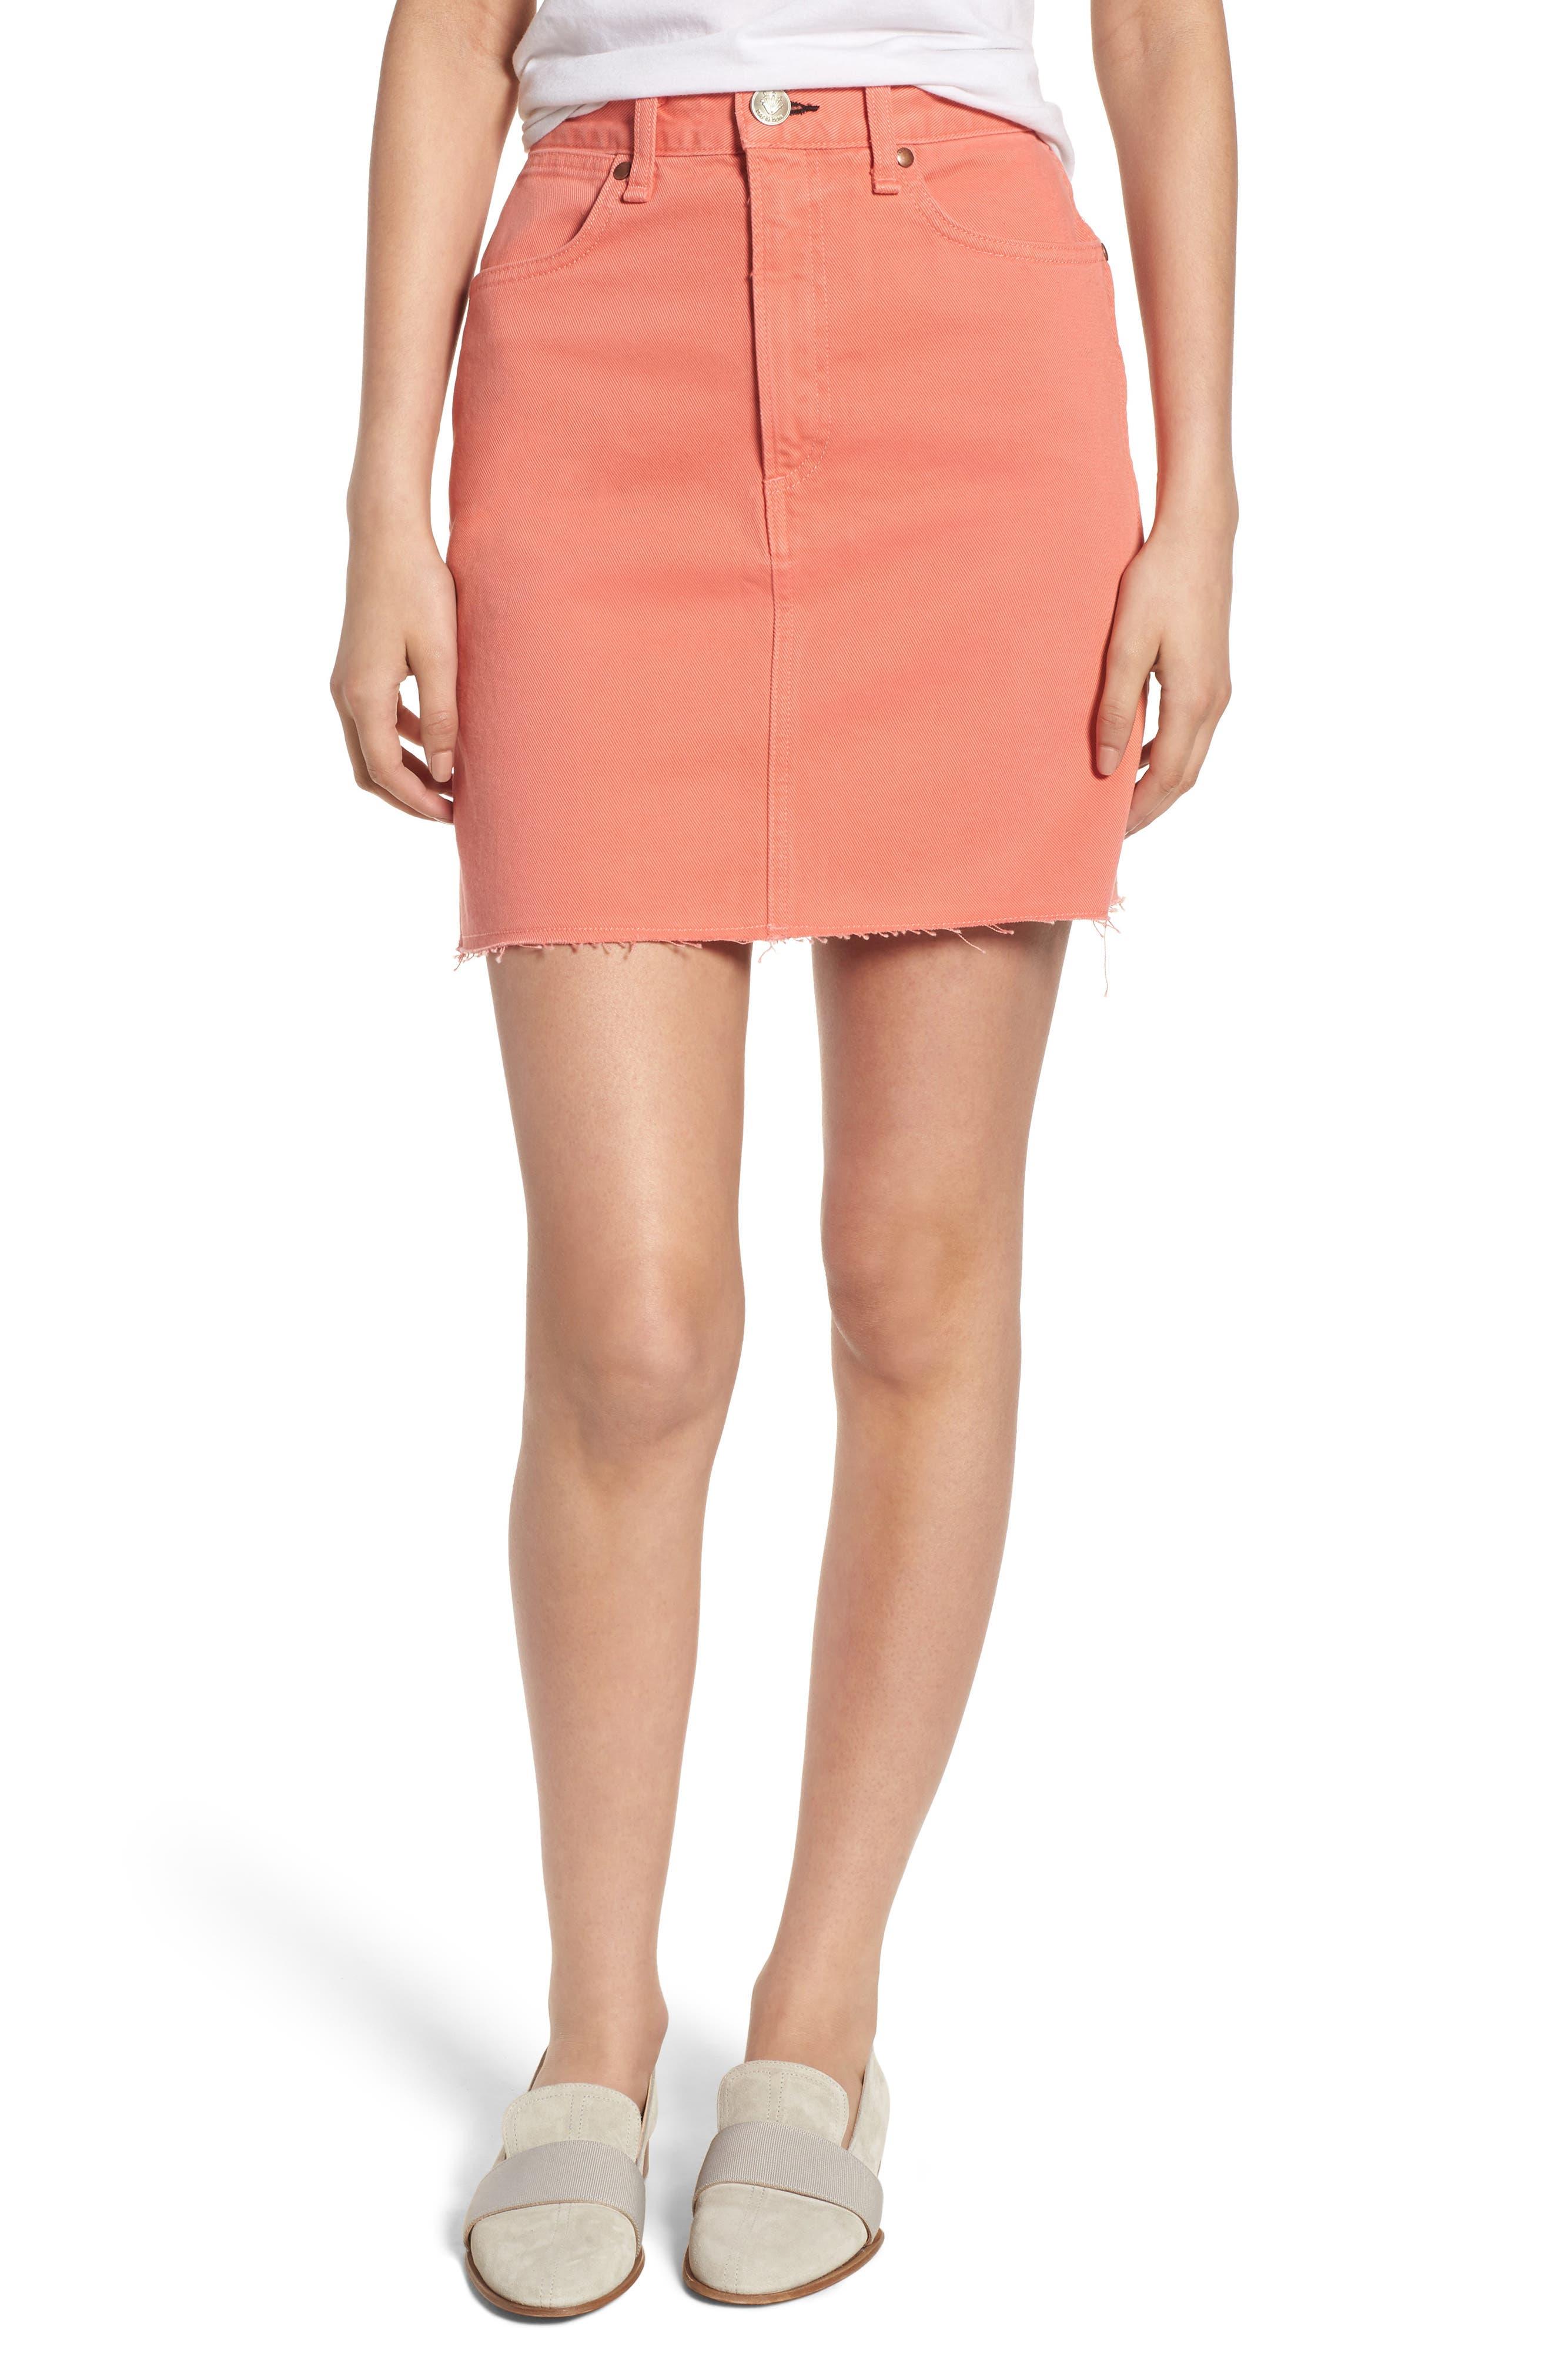 Moss High Waist Denim Miniskirt,                             Main thumbnail 1, color,                             Coral Haze